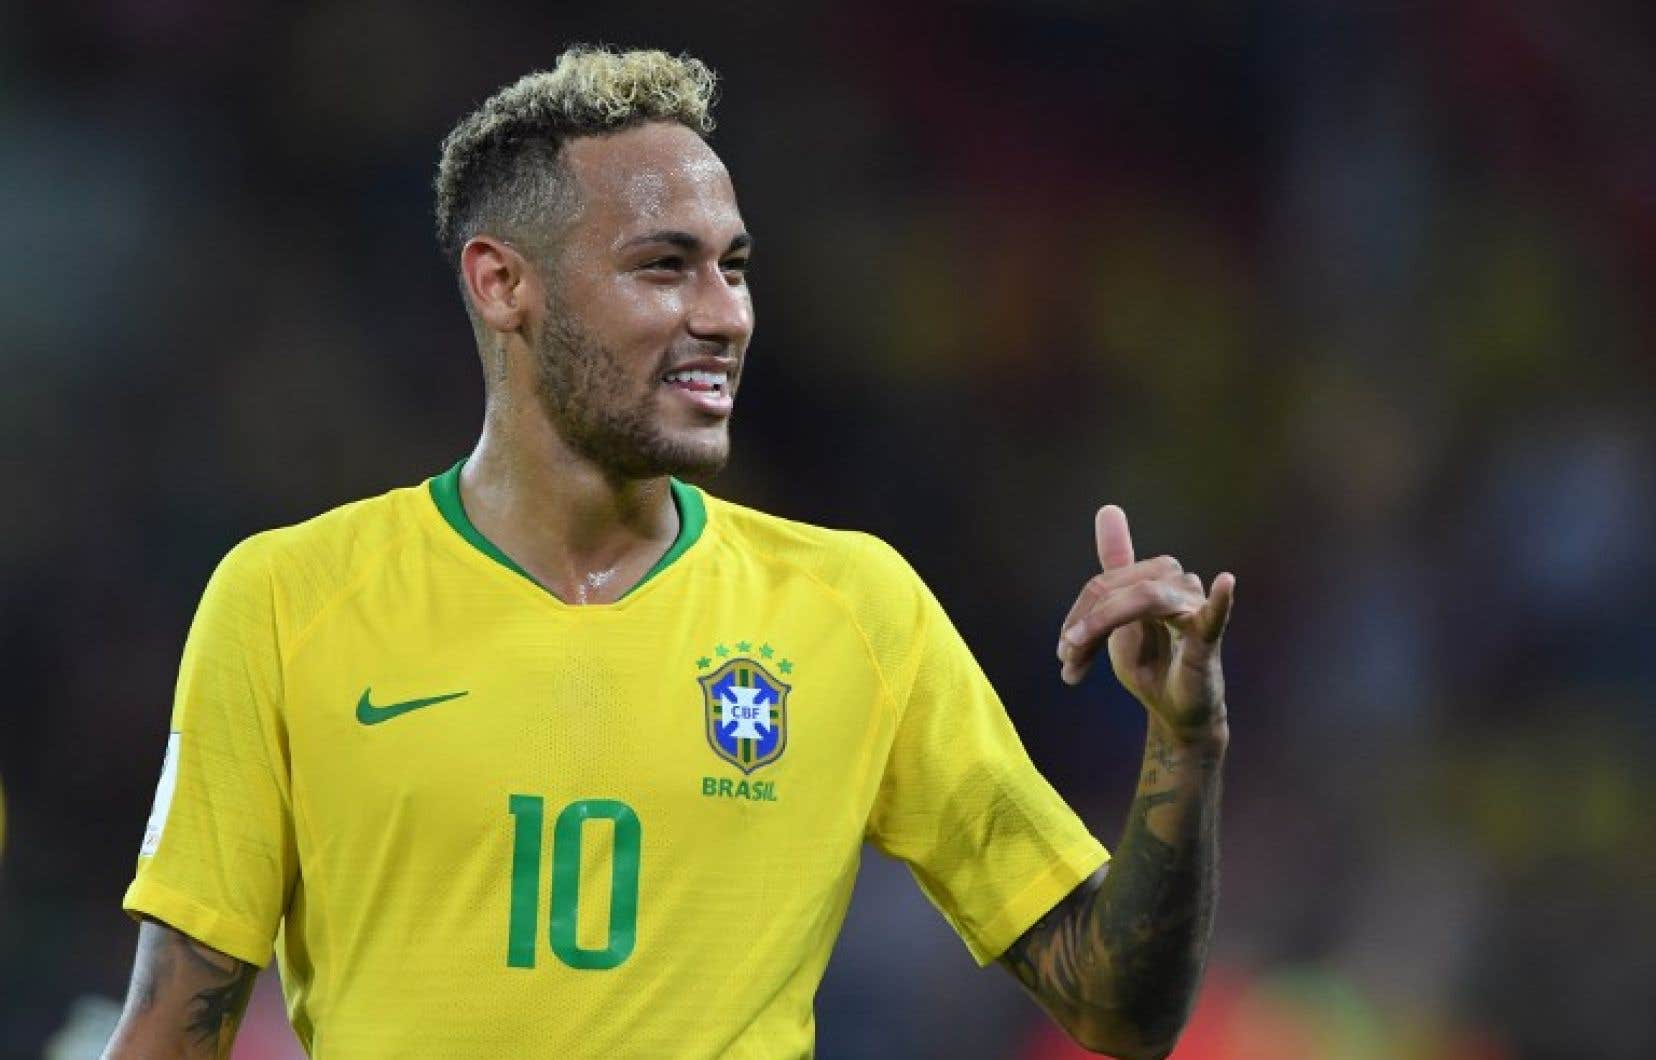 Neymar célébrant la victoire de son équipe